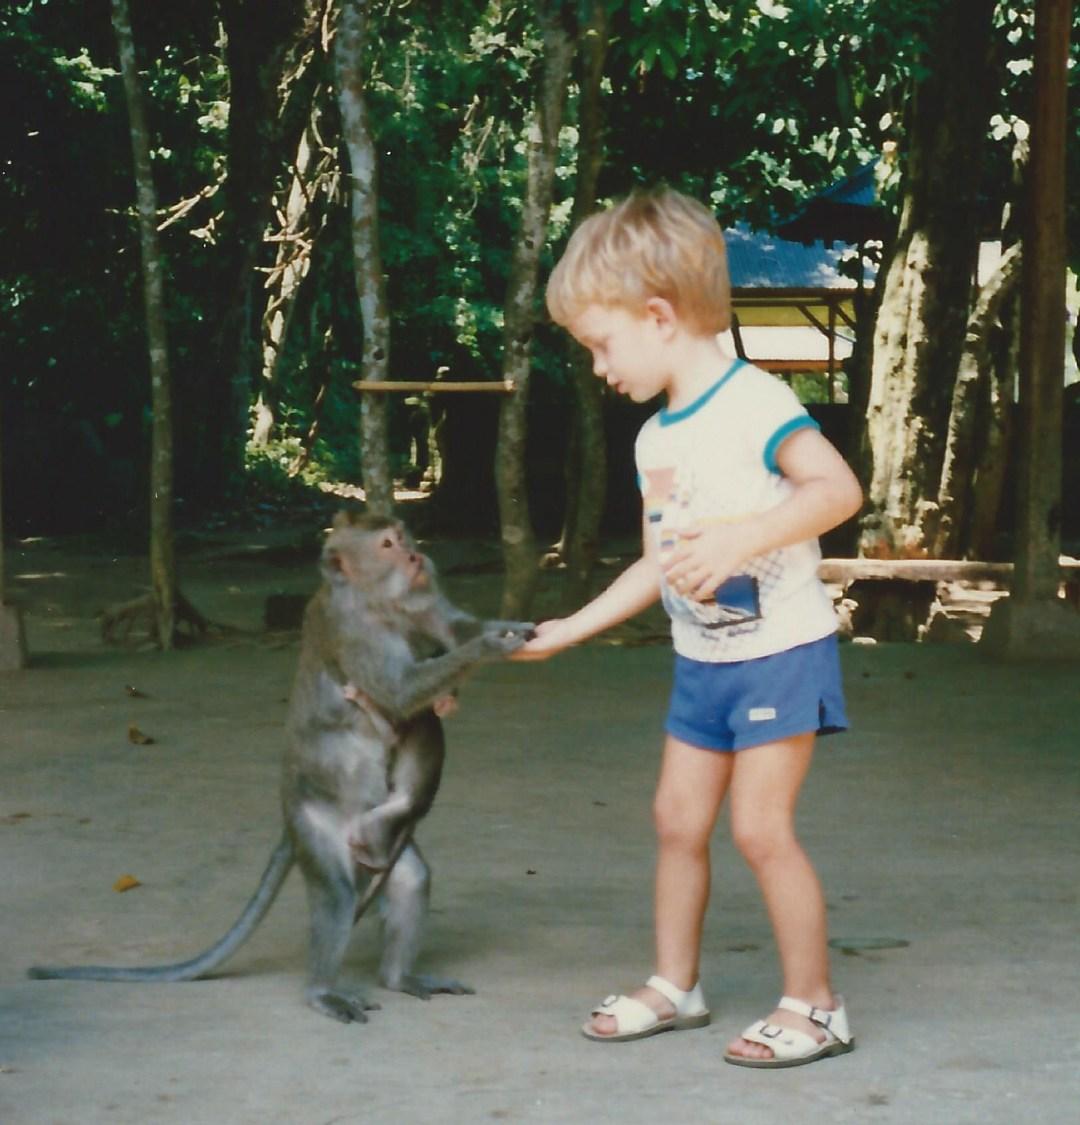 Feeding a monkey in Bali